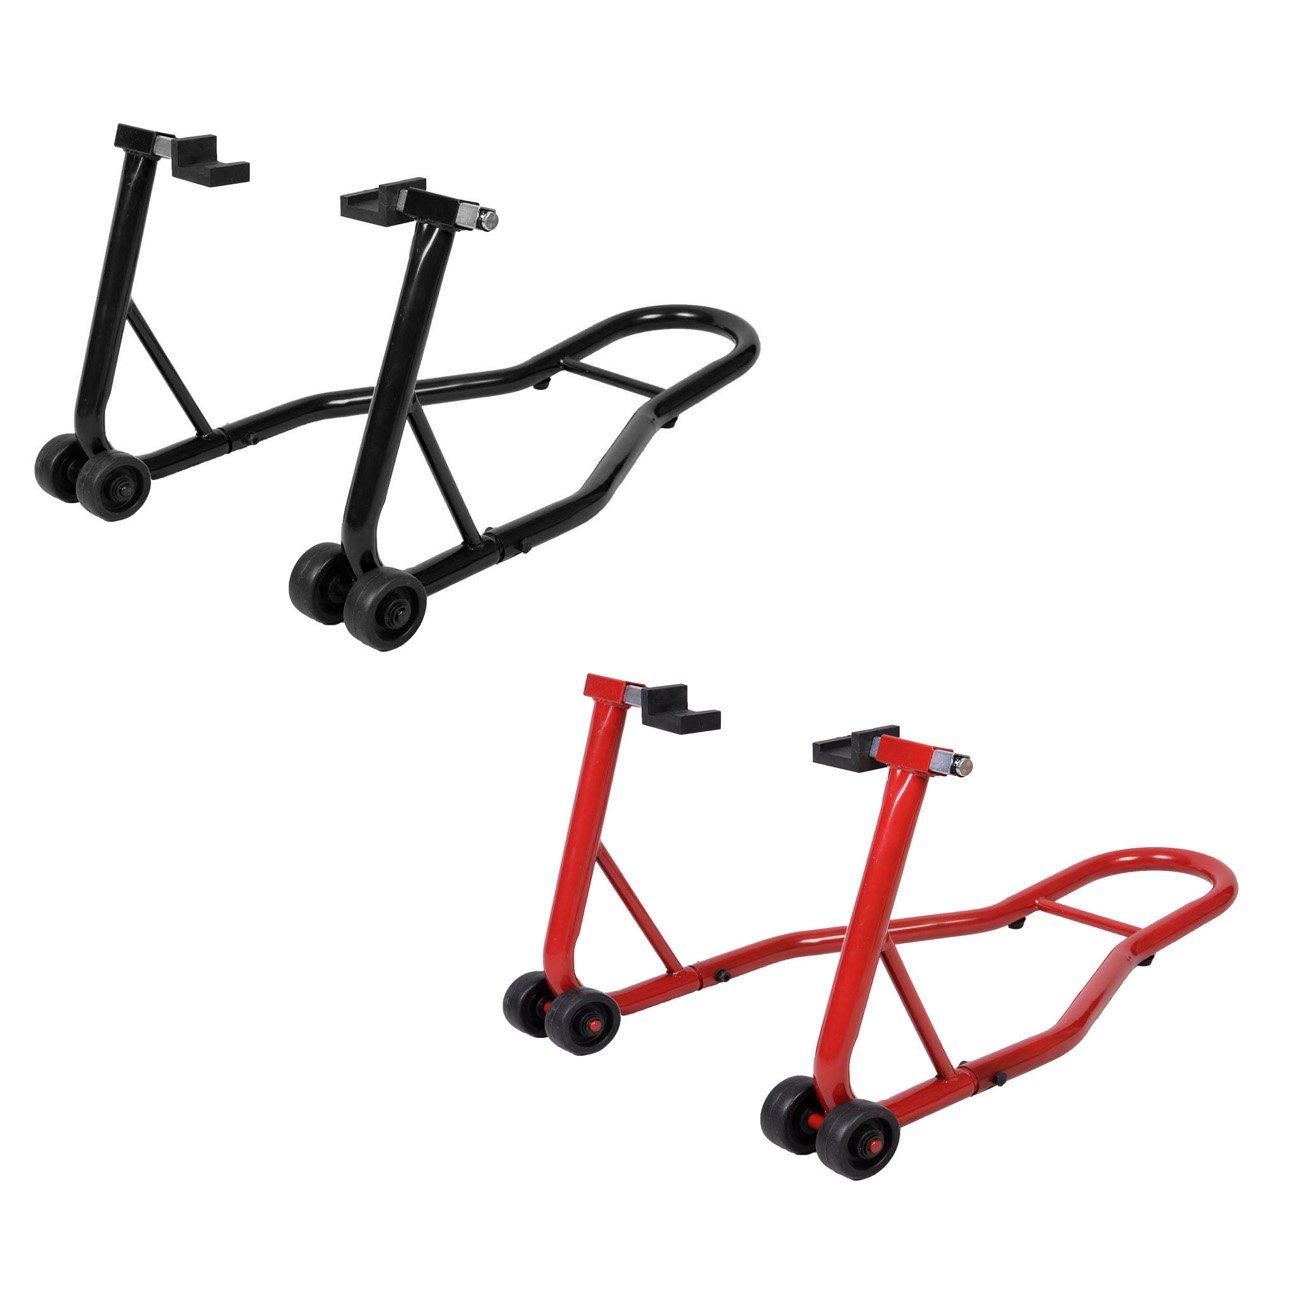 COSTWAY Motorradst/änder hinten Montagest/änder Motorrad St/änder Halter Radhalter f/ür Hinterrad Hinterradst/änder breitenverstellbar Farbwahl Rot